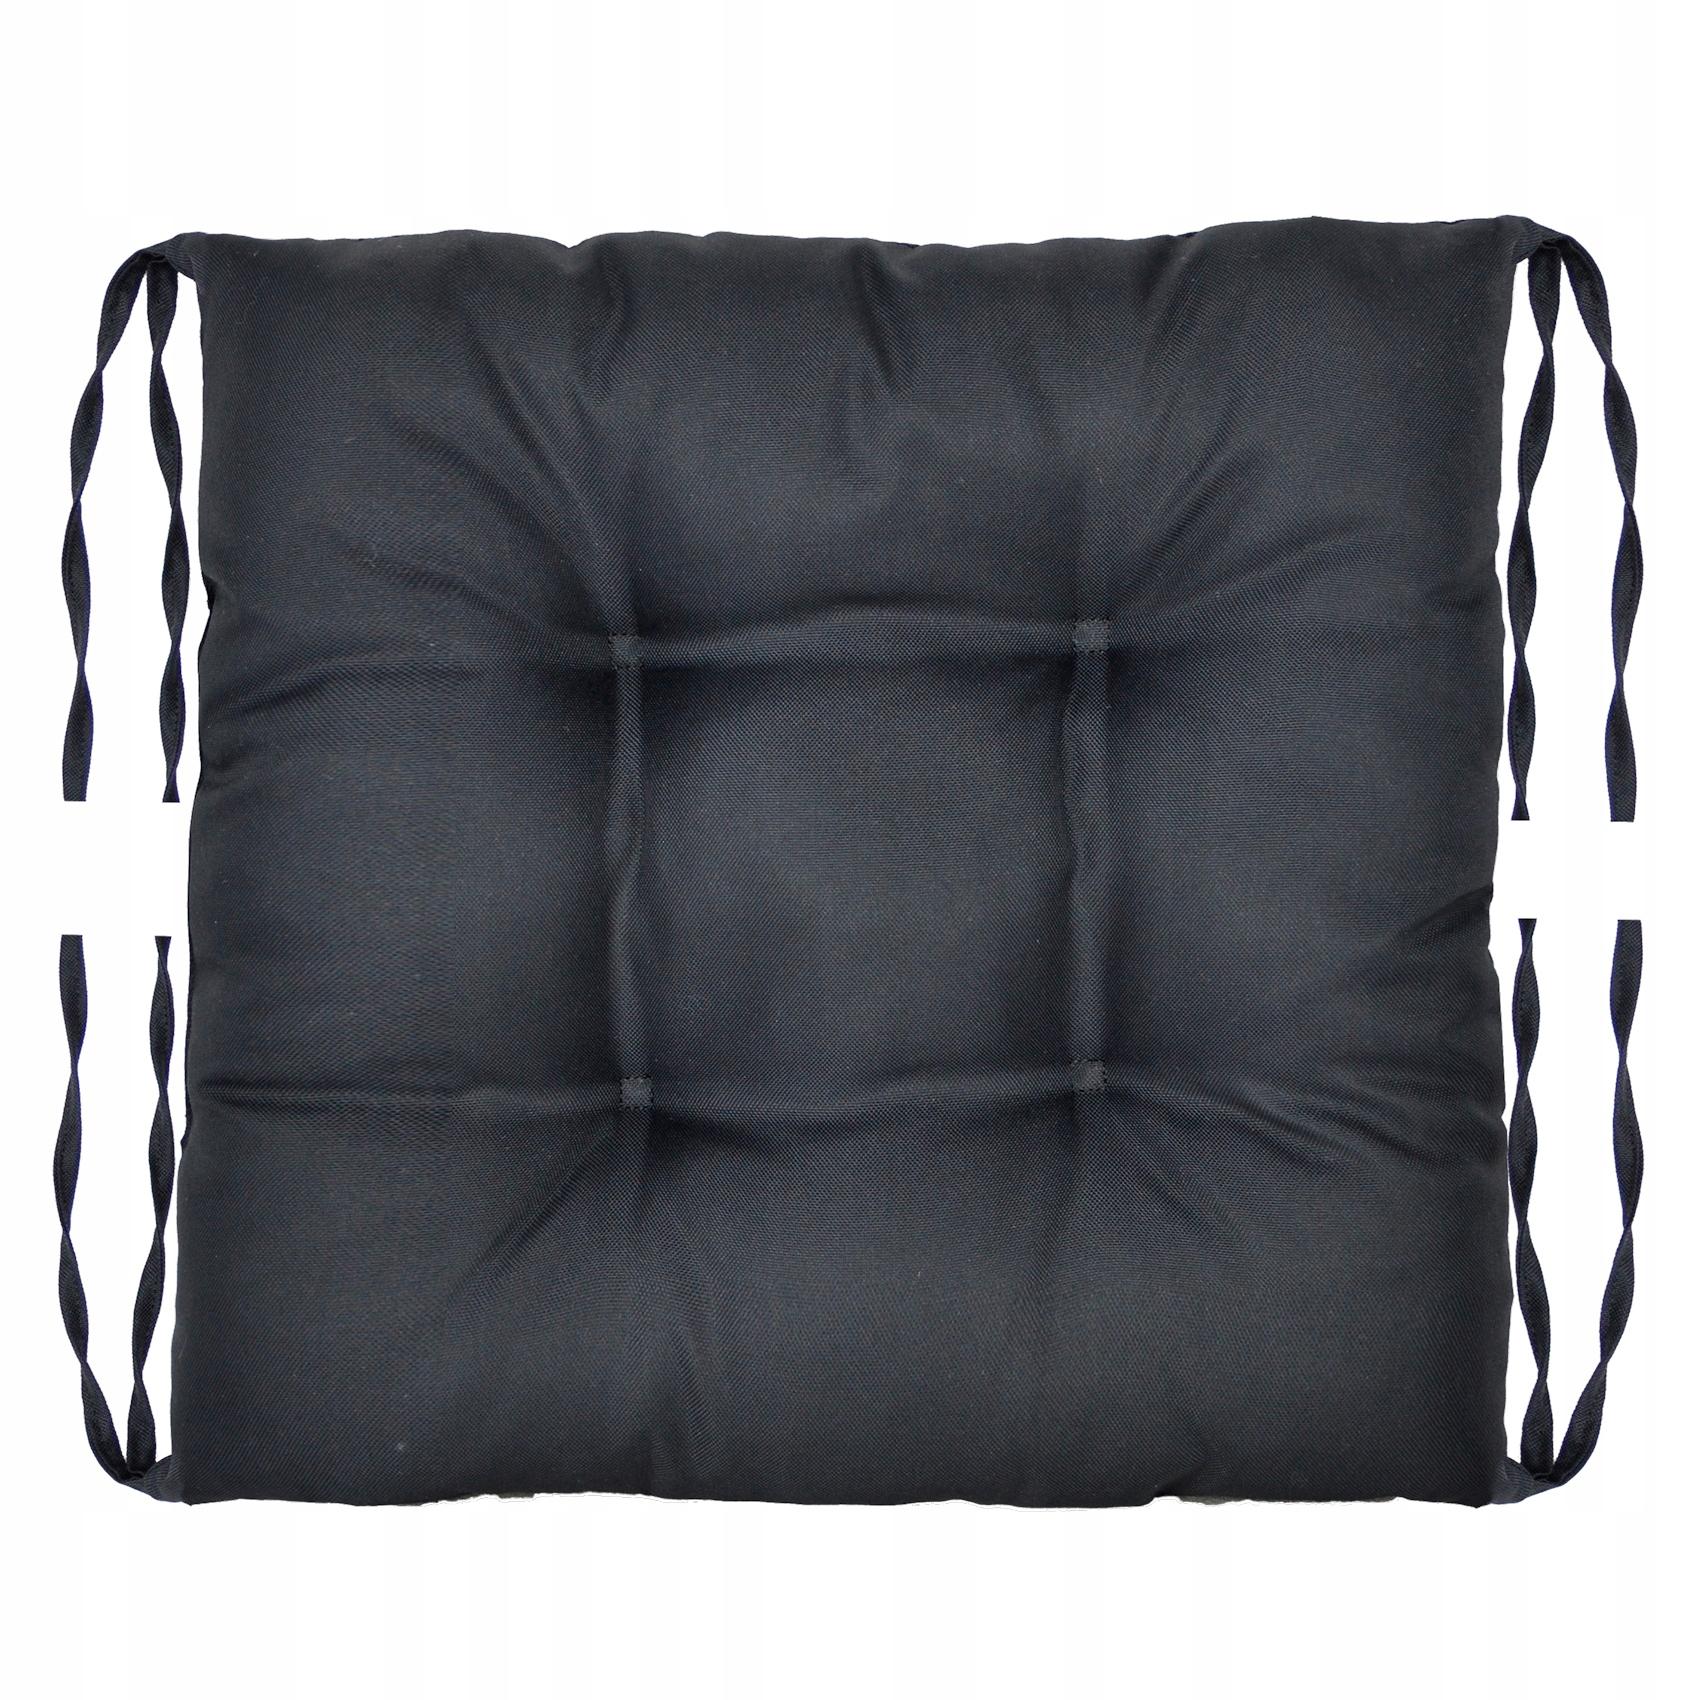 Подушка для стула 40x40, непромокаемая, прочная